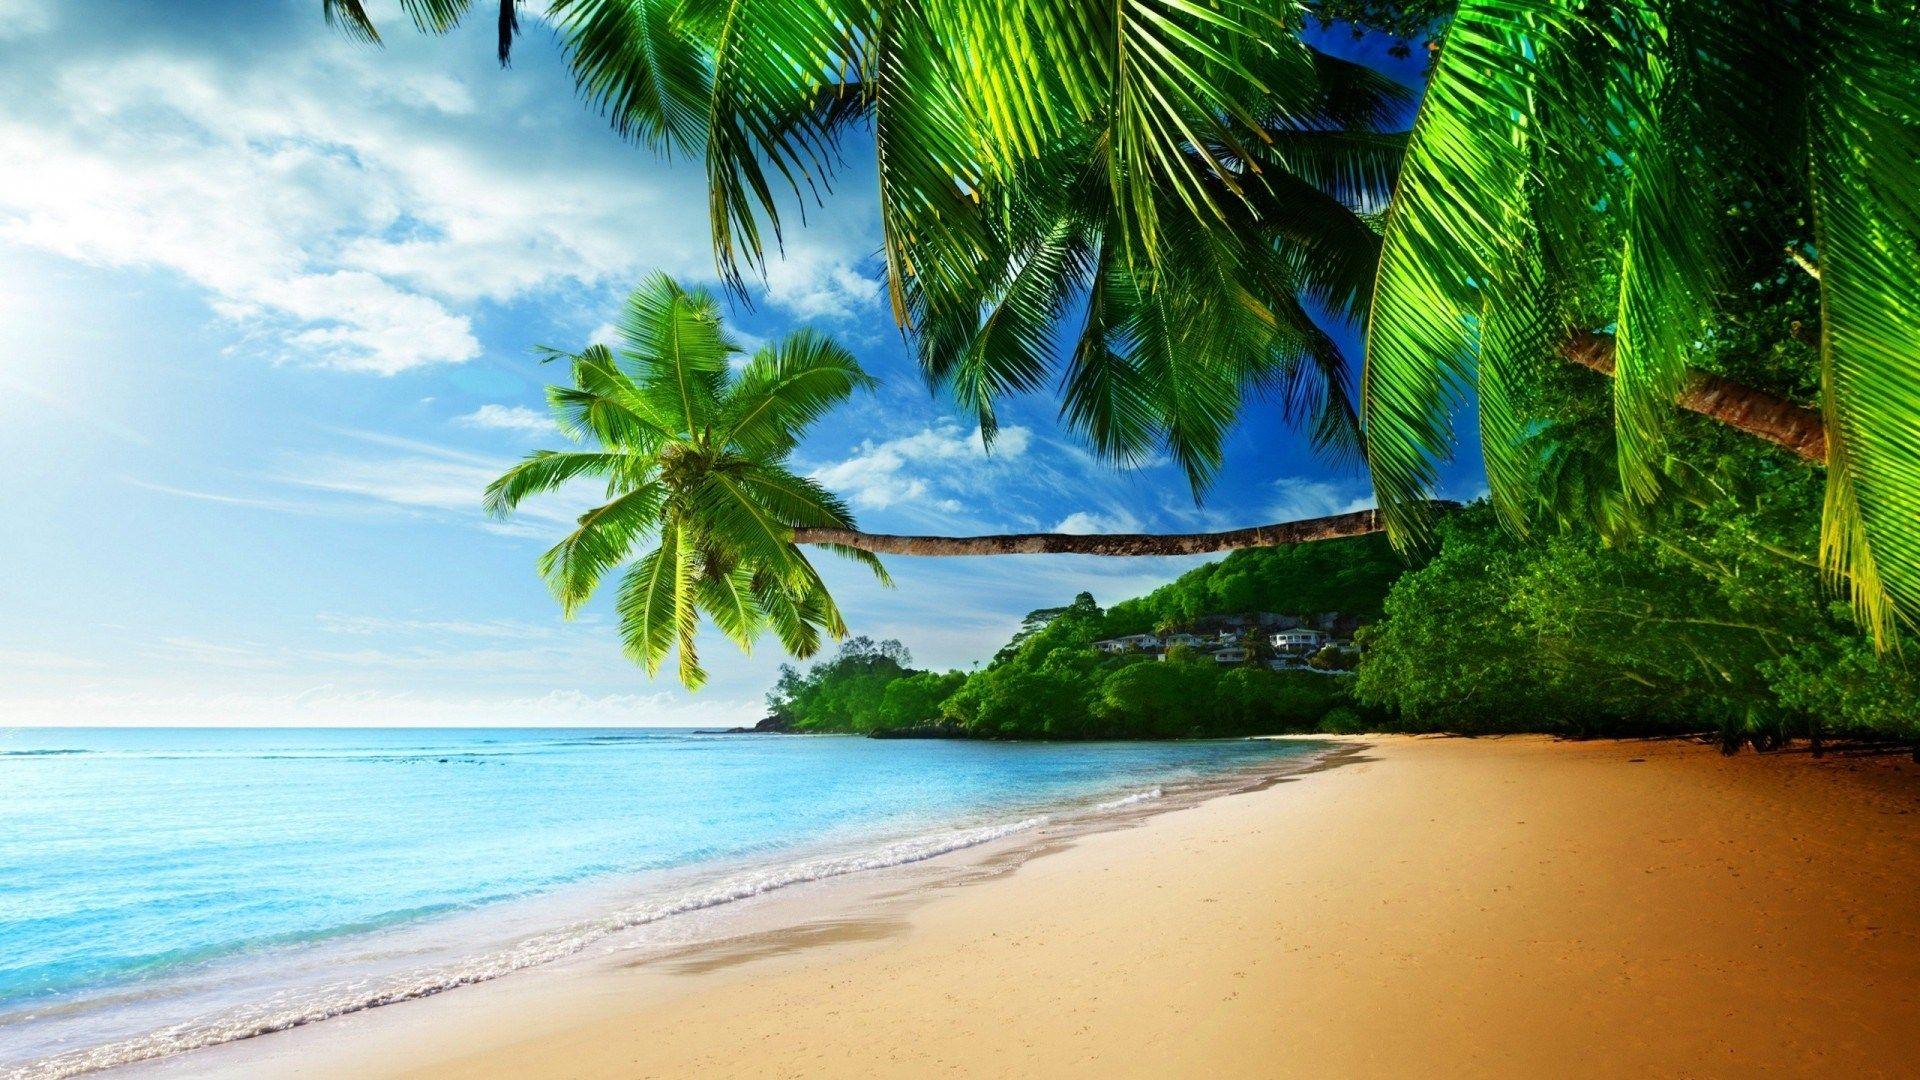 tropical beach waves wallpapers high resolution desktop